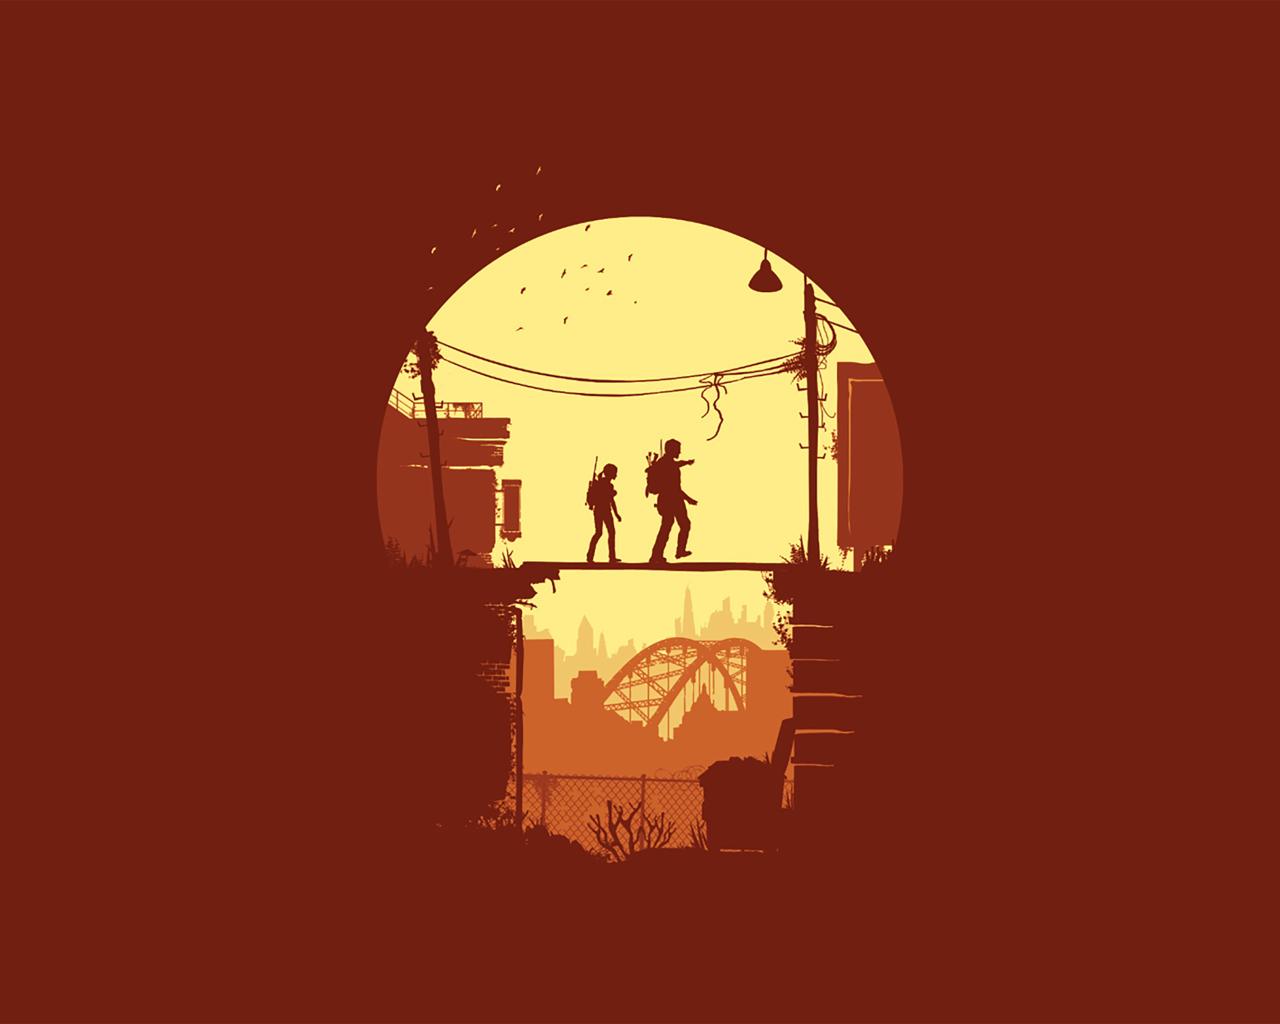 1280x1024 Joel And Ellie The Last Of Us Minimal 1280x1024